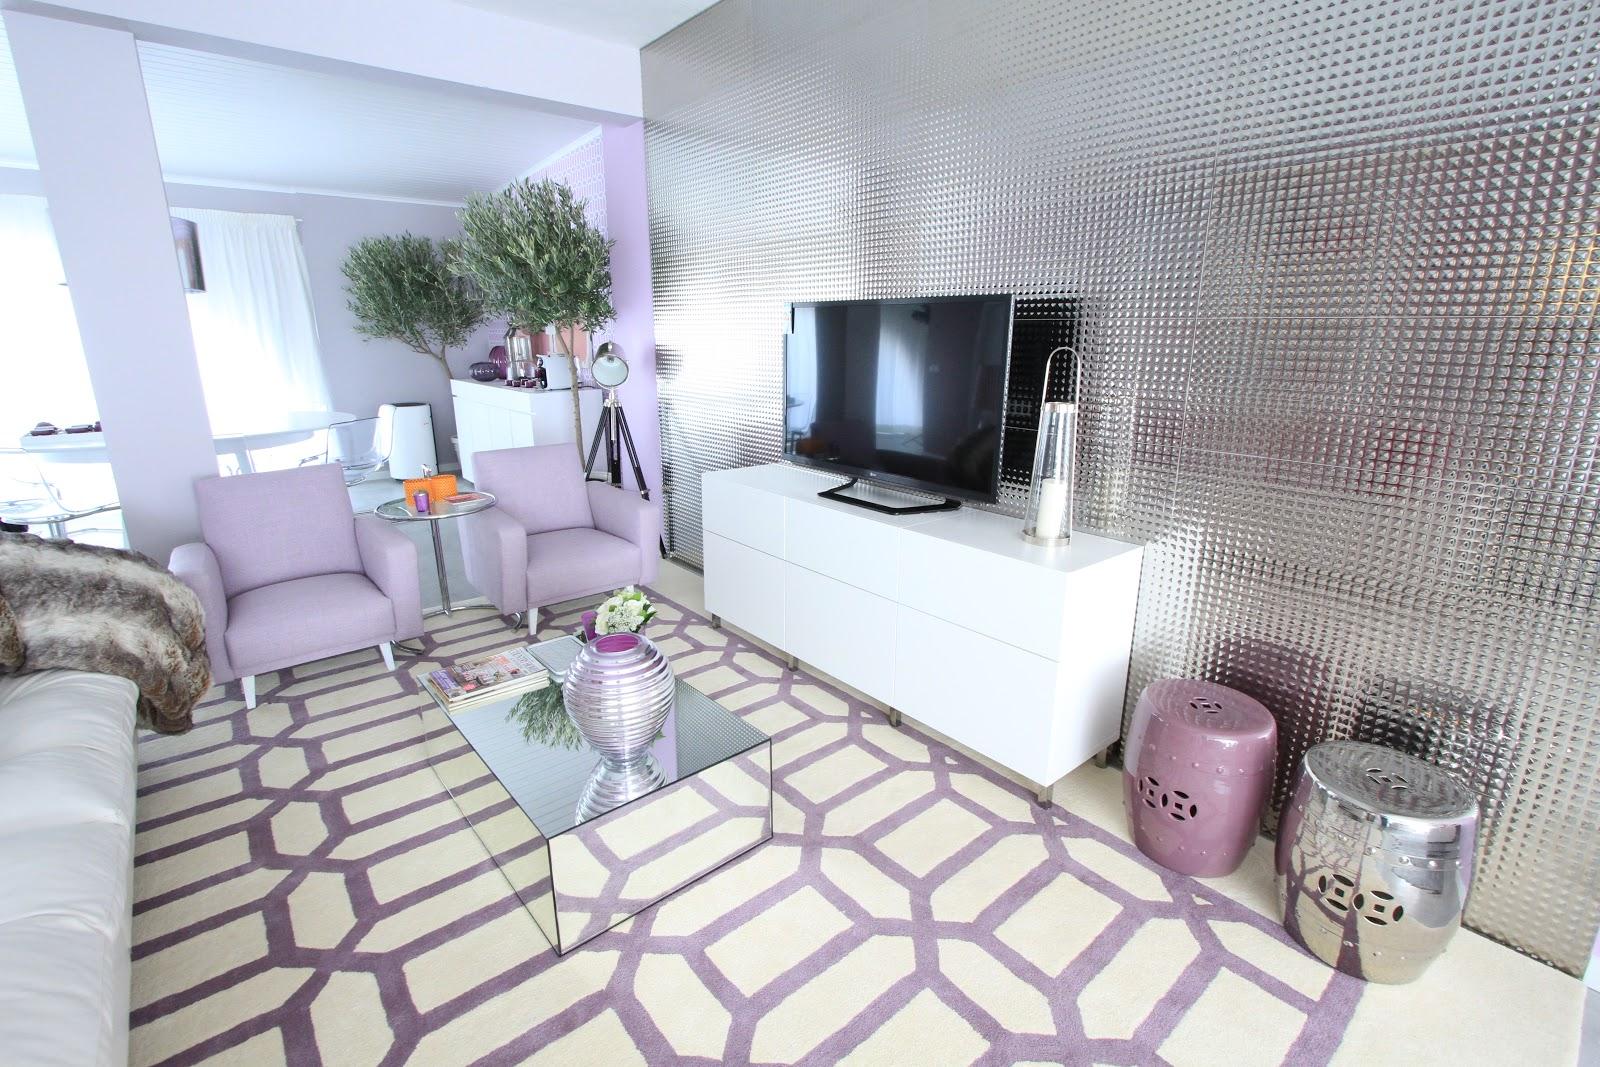 Bricolage e Decoração: Decoração de Sala com kitchenet no programa  #576274 1600 1067